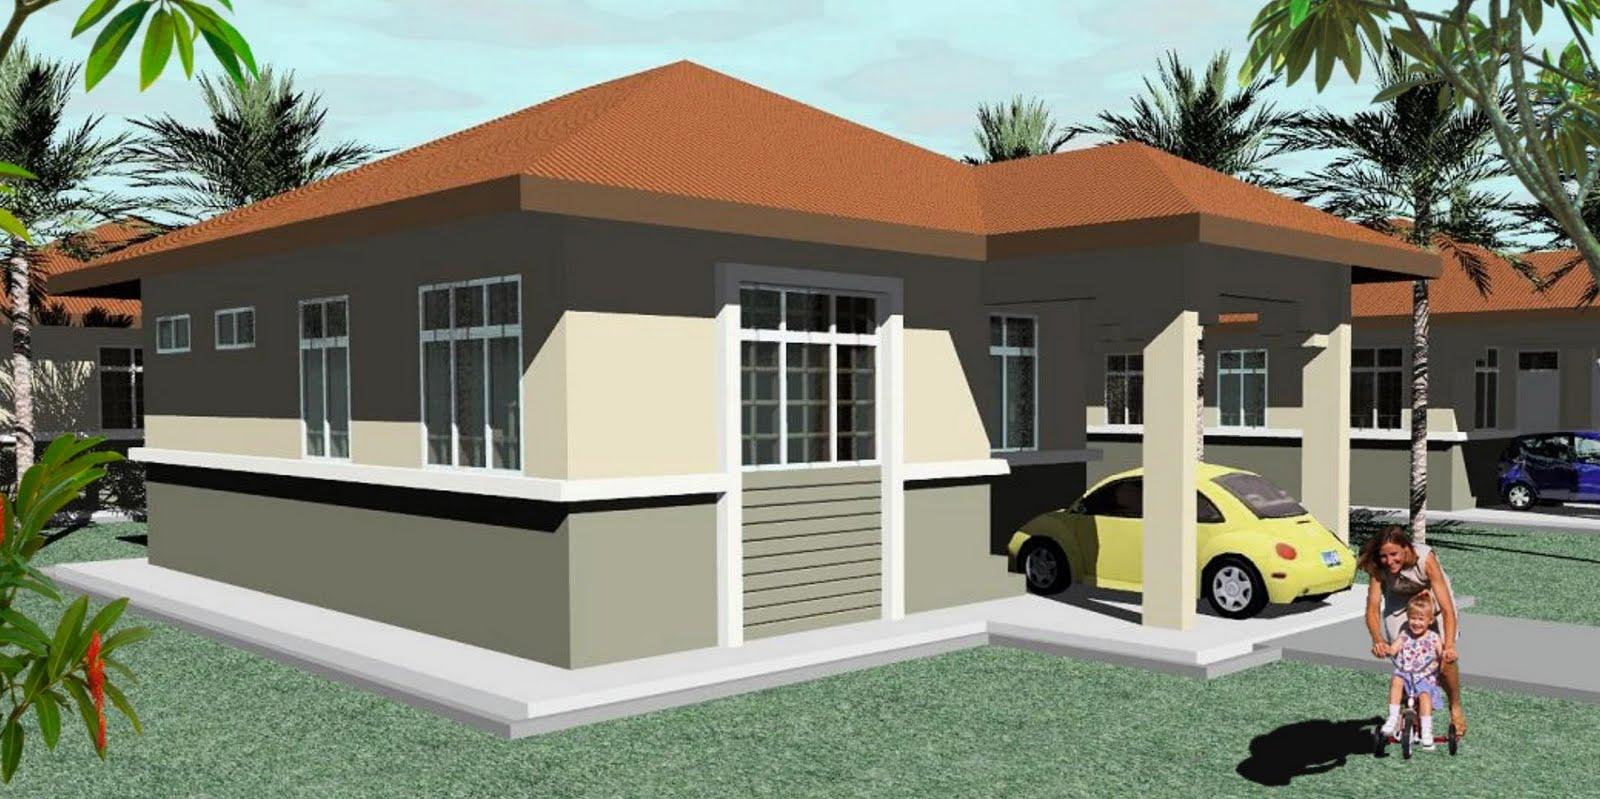 Contoh Pelan Rumah Banglo Setingkat   Download Foto, Gambar, Wallpaper ...